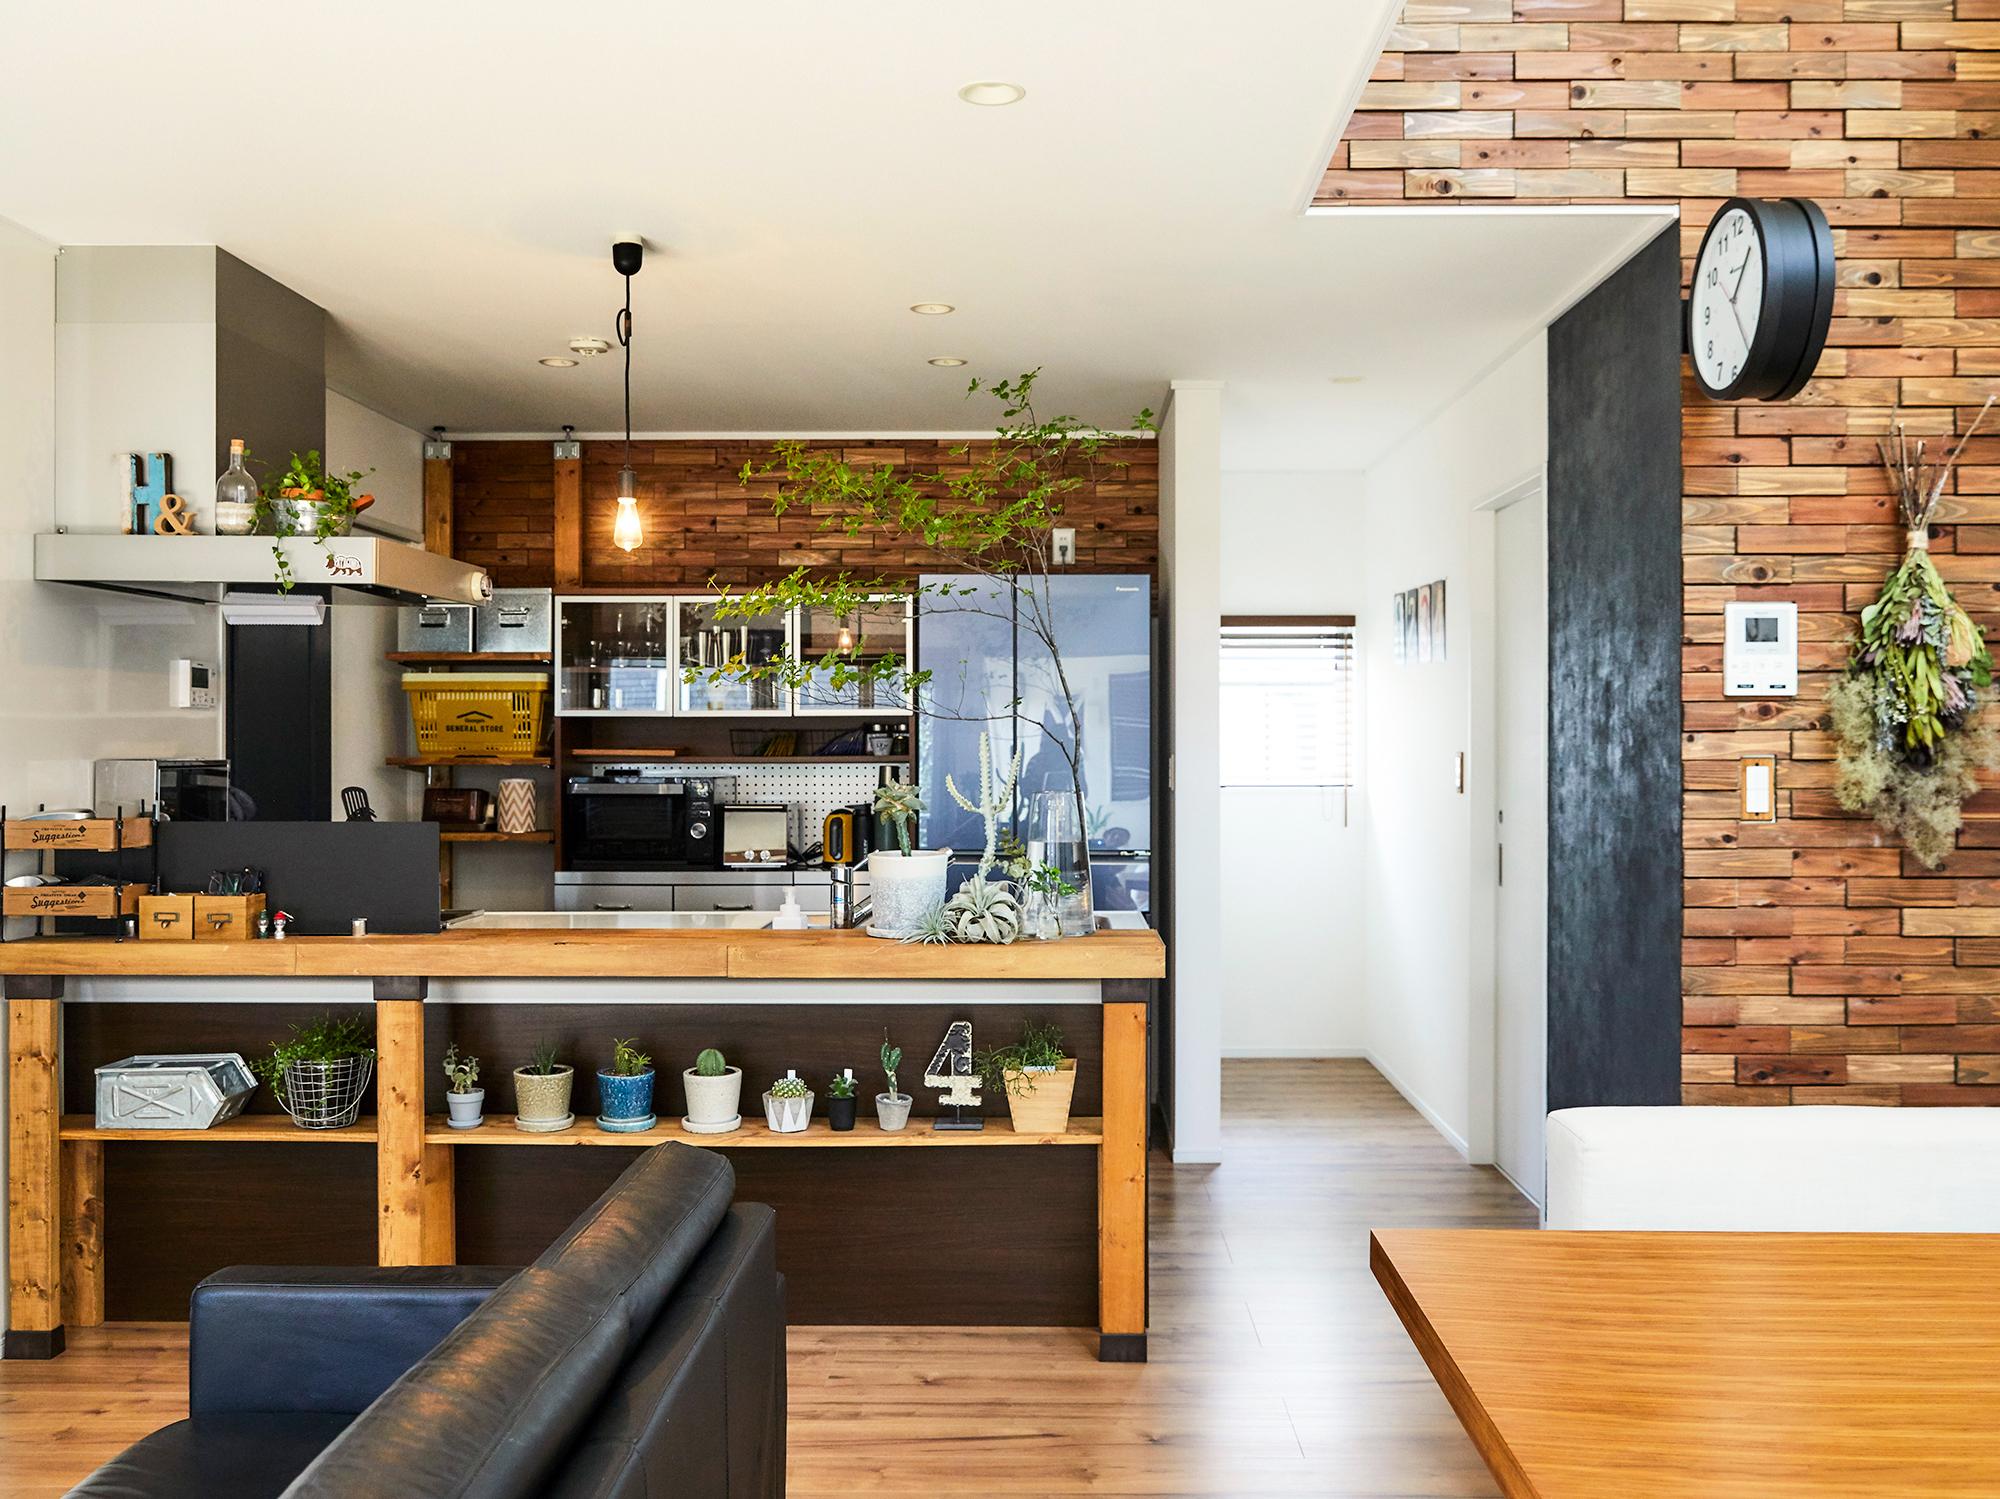 キッチンカウンターは木材でカバーし、棚をディアウォールで制作。味わいのある壁の木ブロックは、後からDIYを加えたもの。